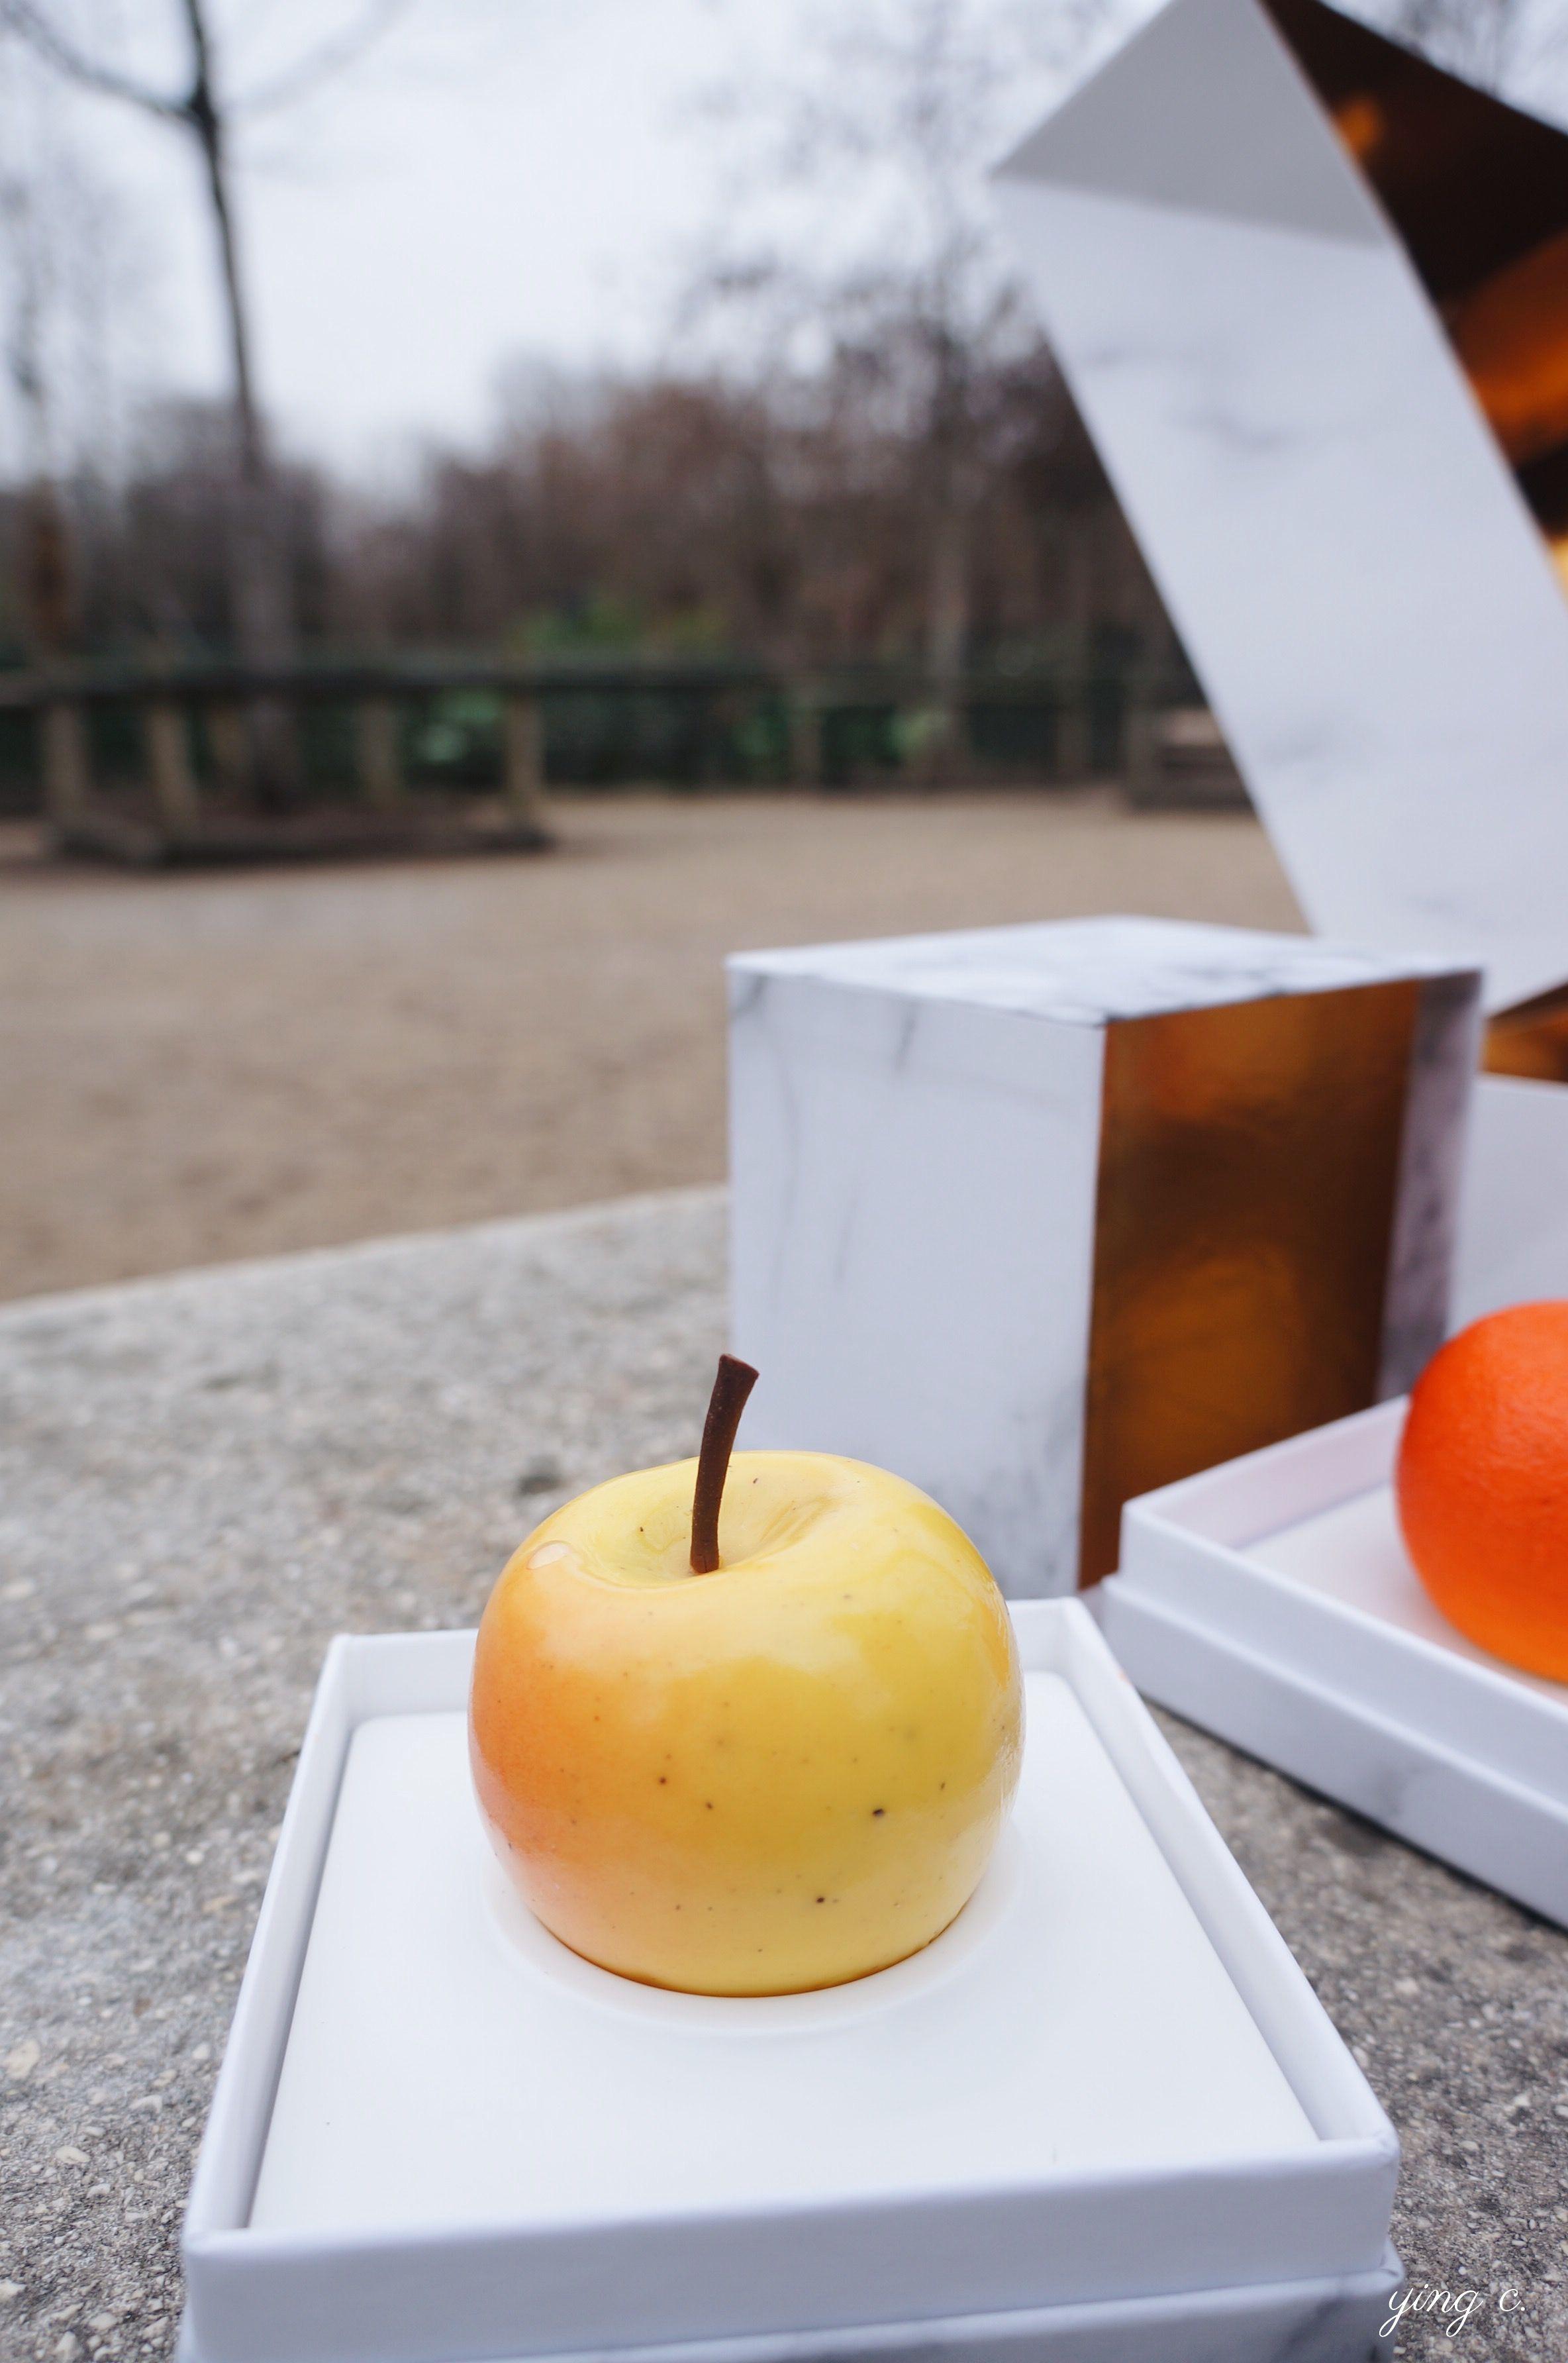 「黃蘋果」(Pomme Jaune)水果雕塑。